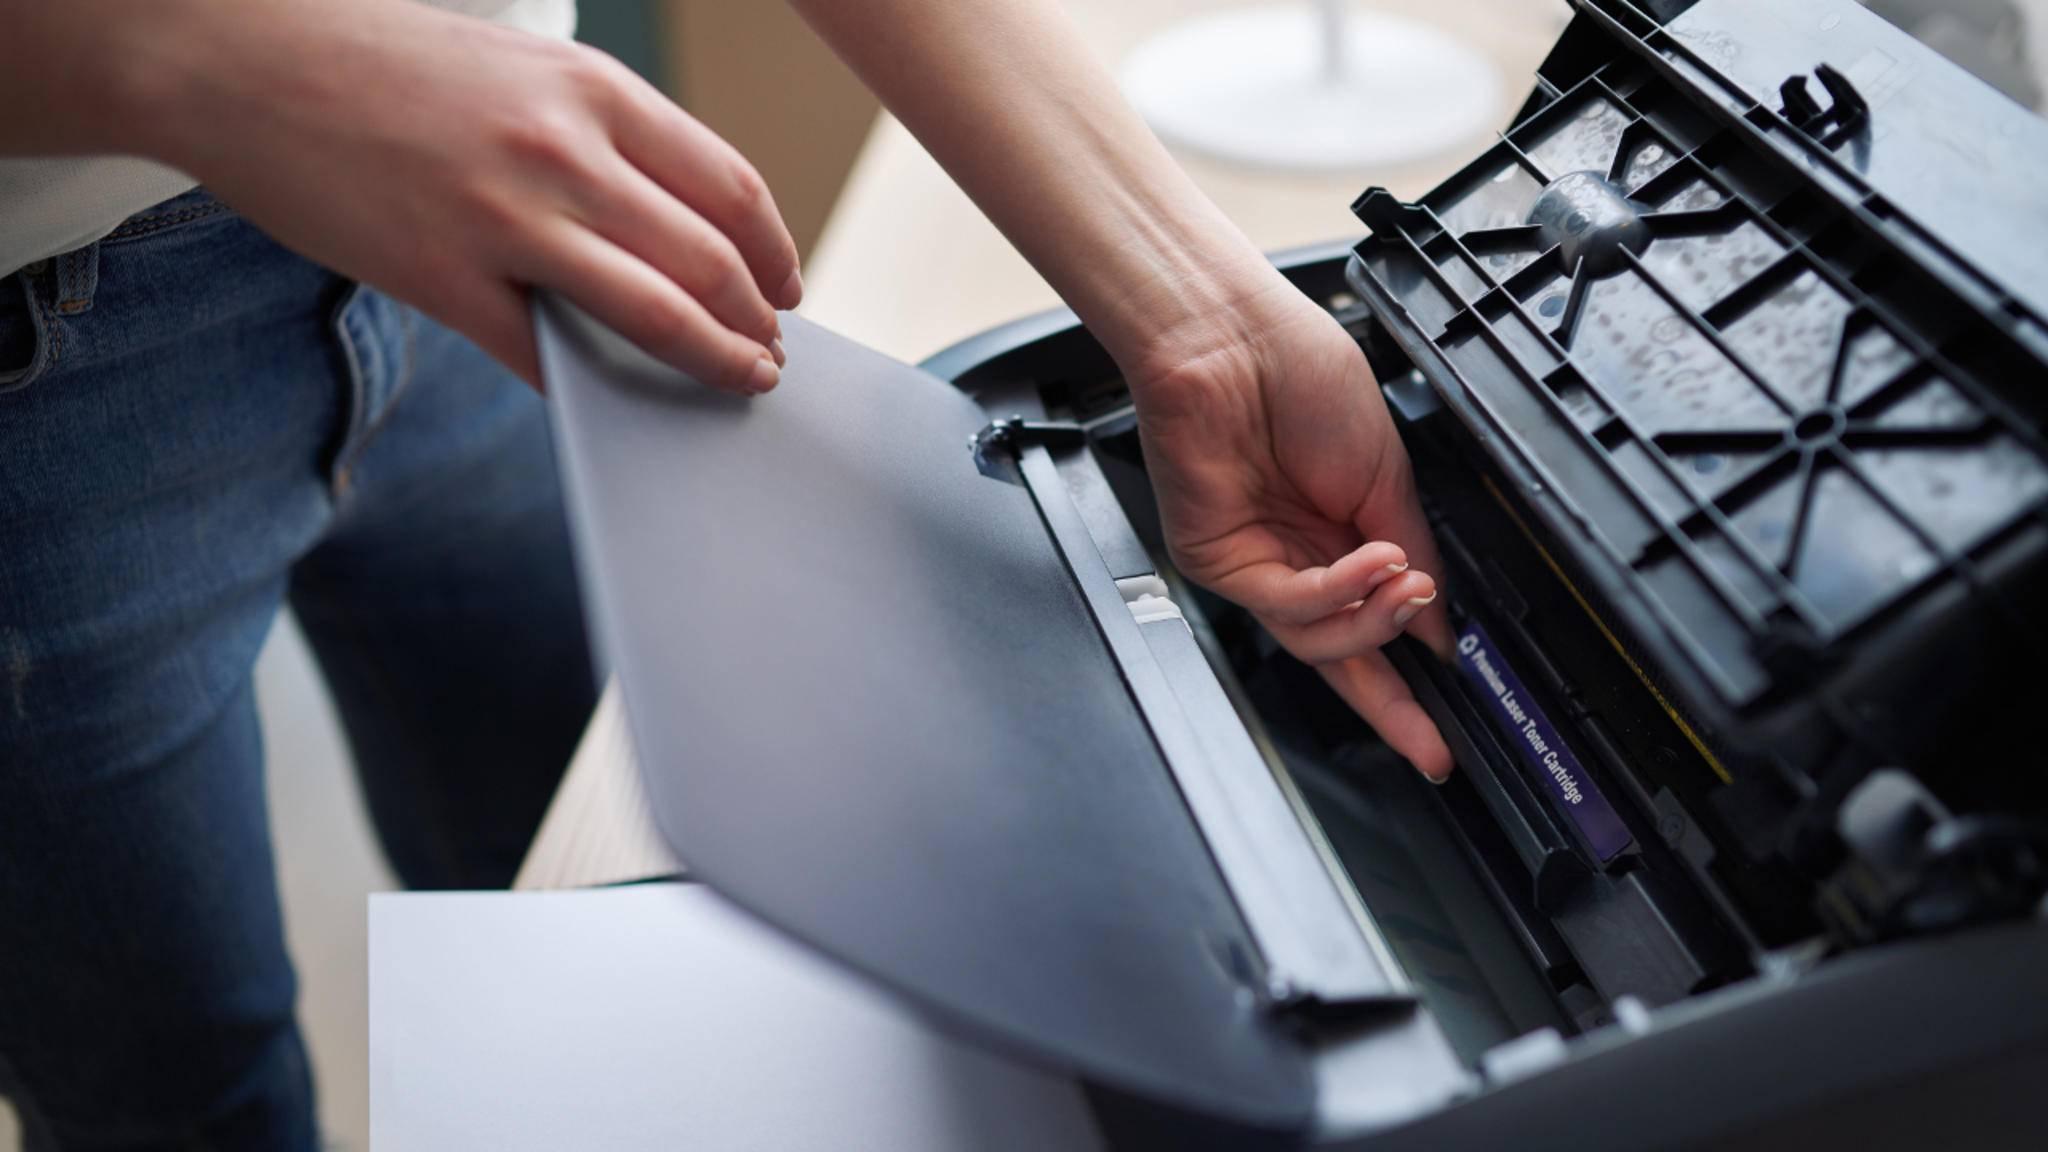 Beim Saubermachen des Laserdruckers sollten keine scharfen Reinigungsmittel eingesetzt werden,